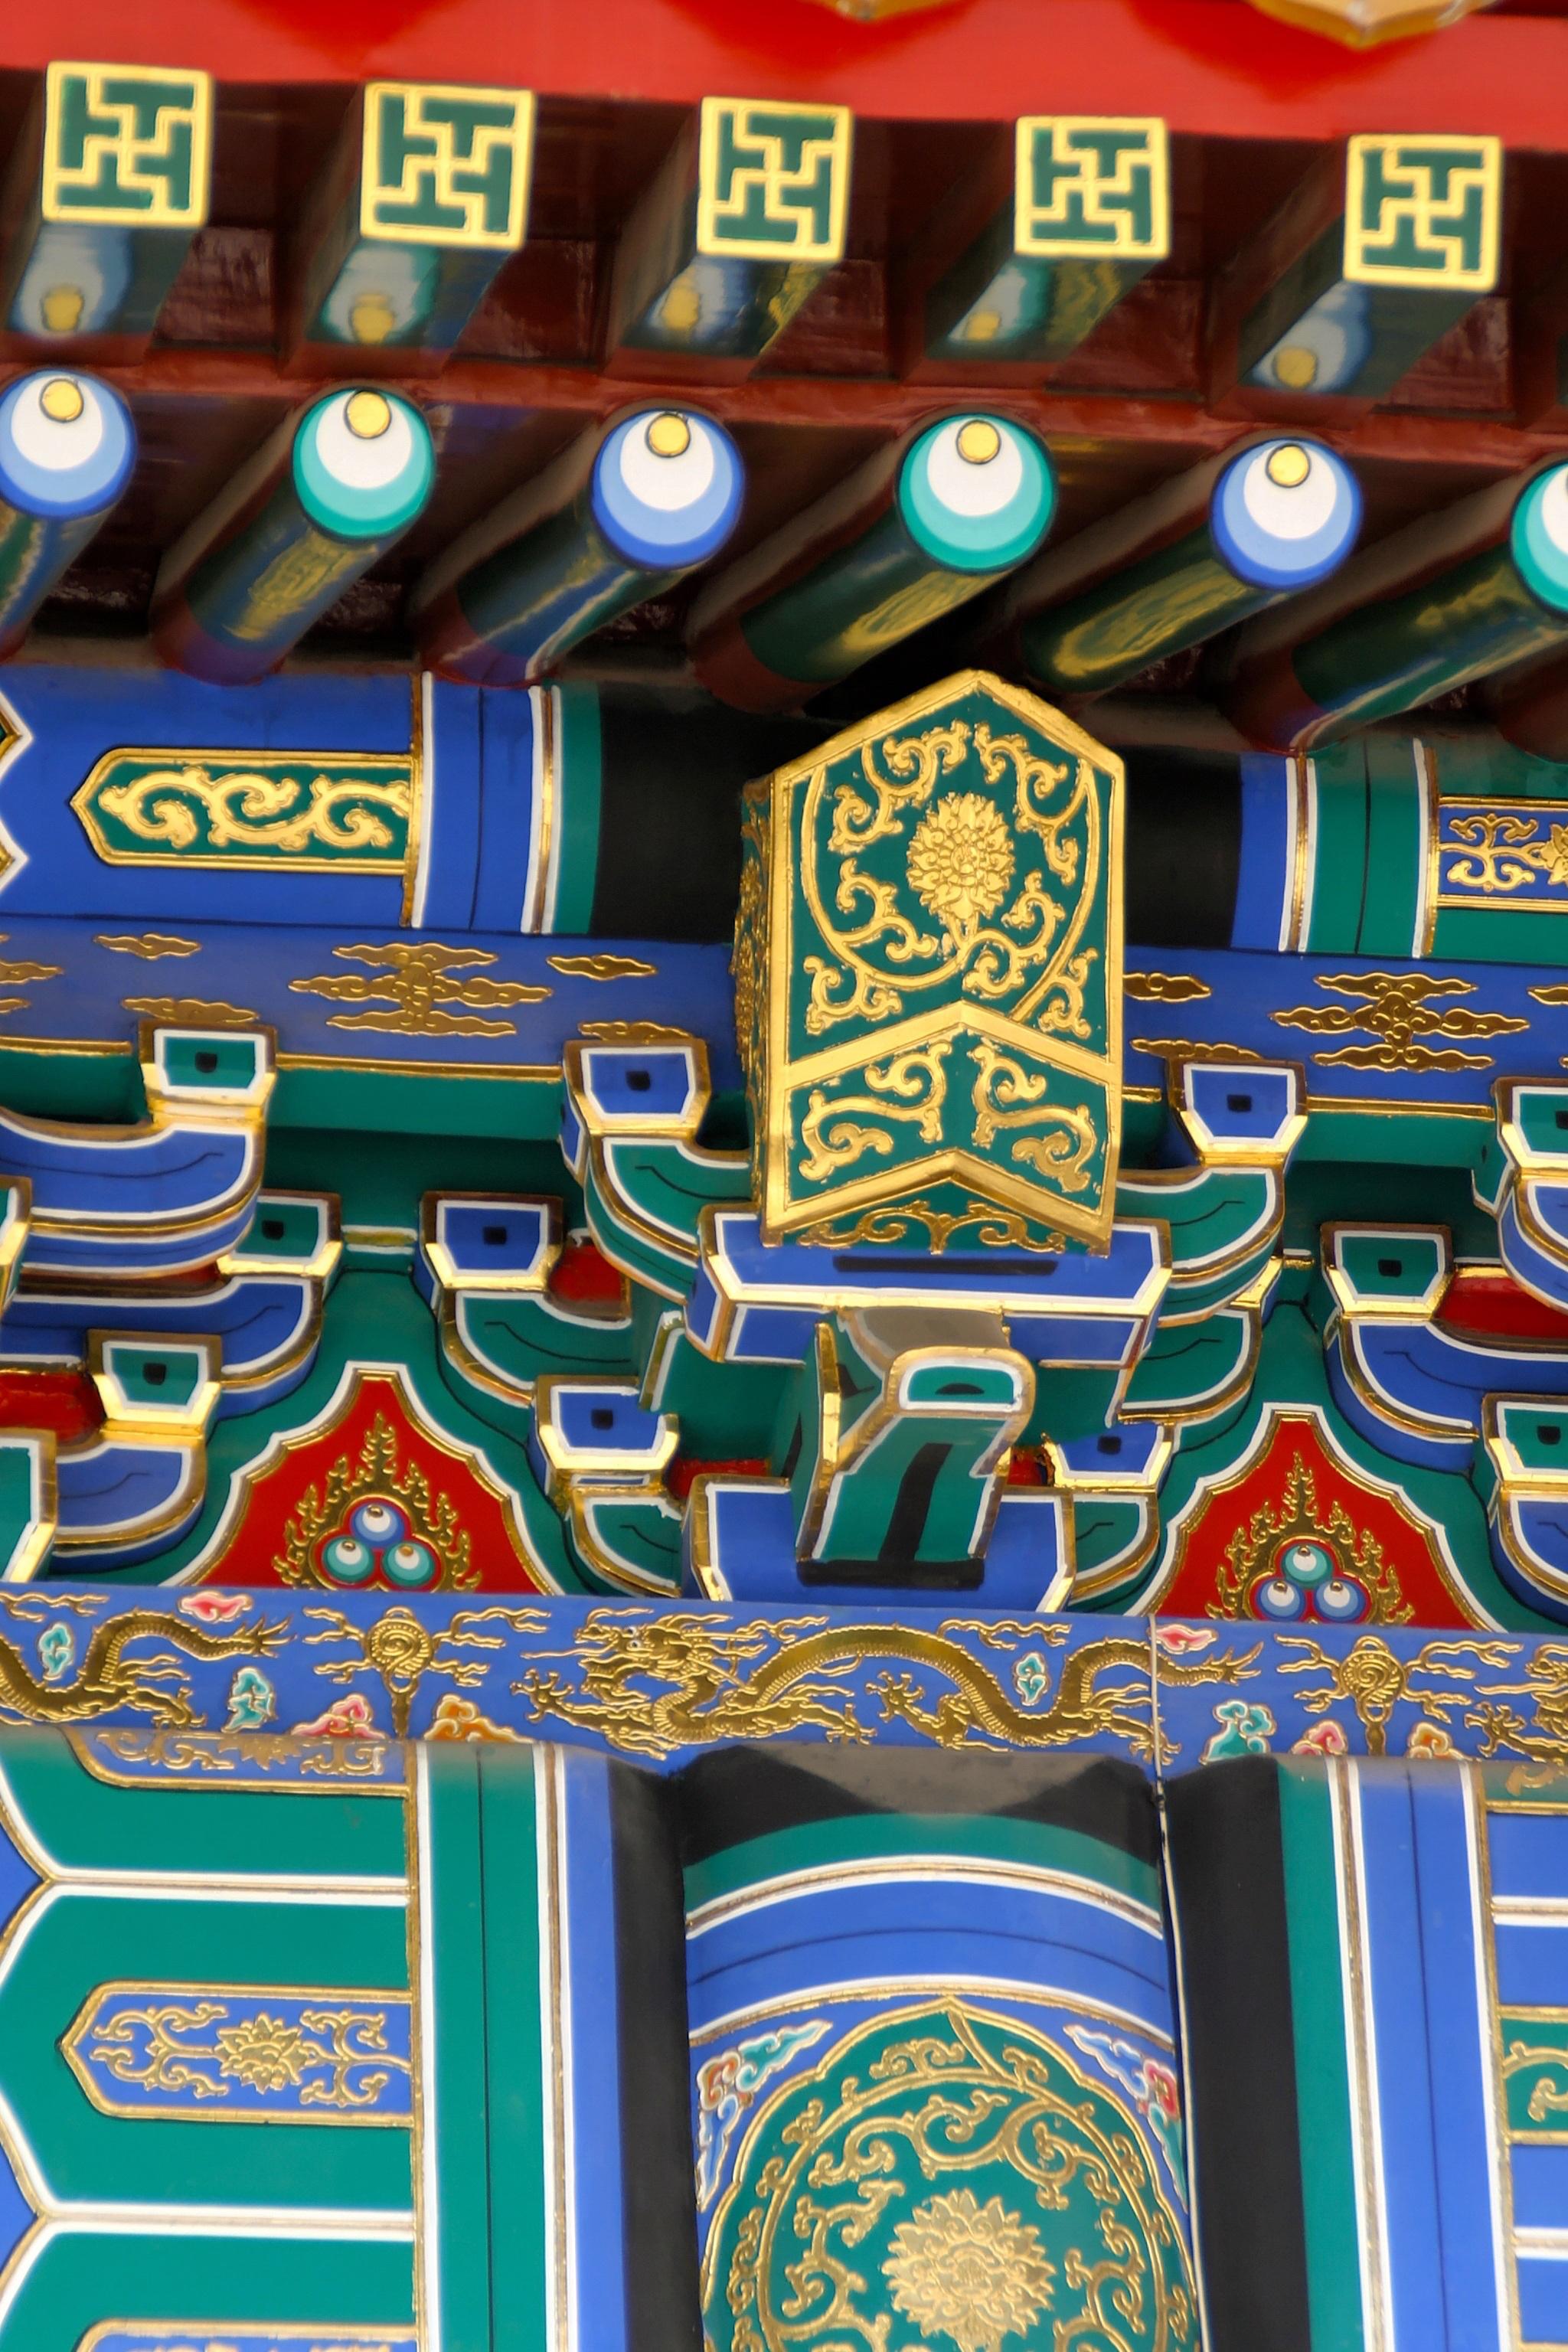 технологии здание фасад машина Красочный картина орнамент игровой автомат Изобразительное искусство Китай Игры Искусно аркадная игра